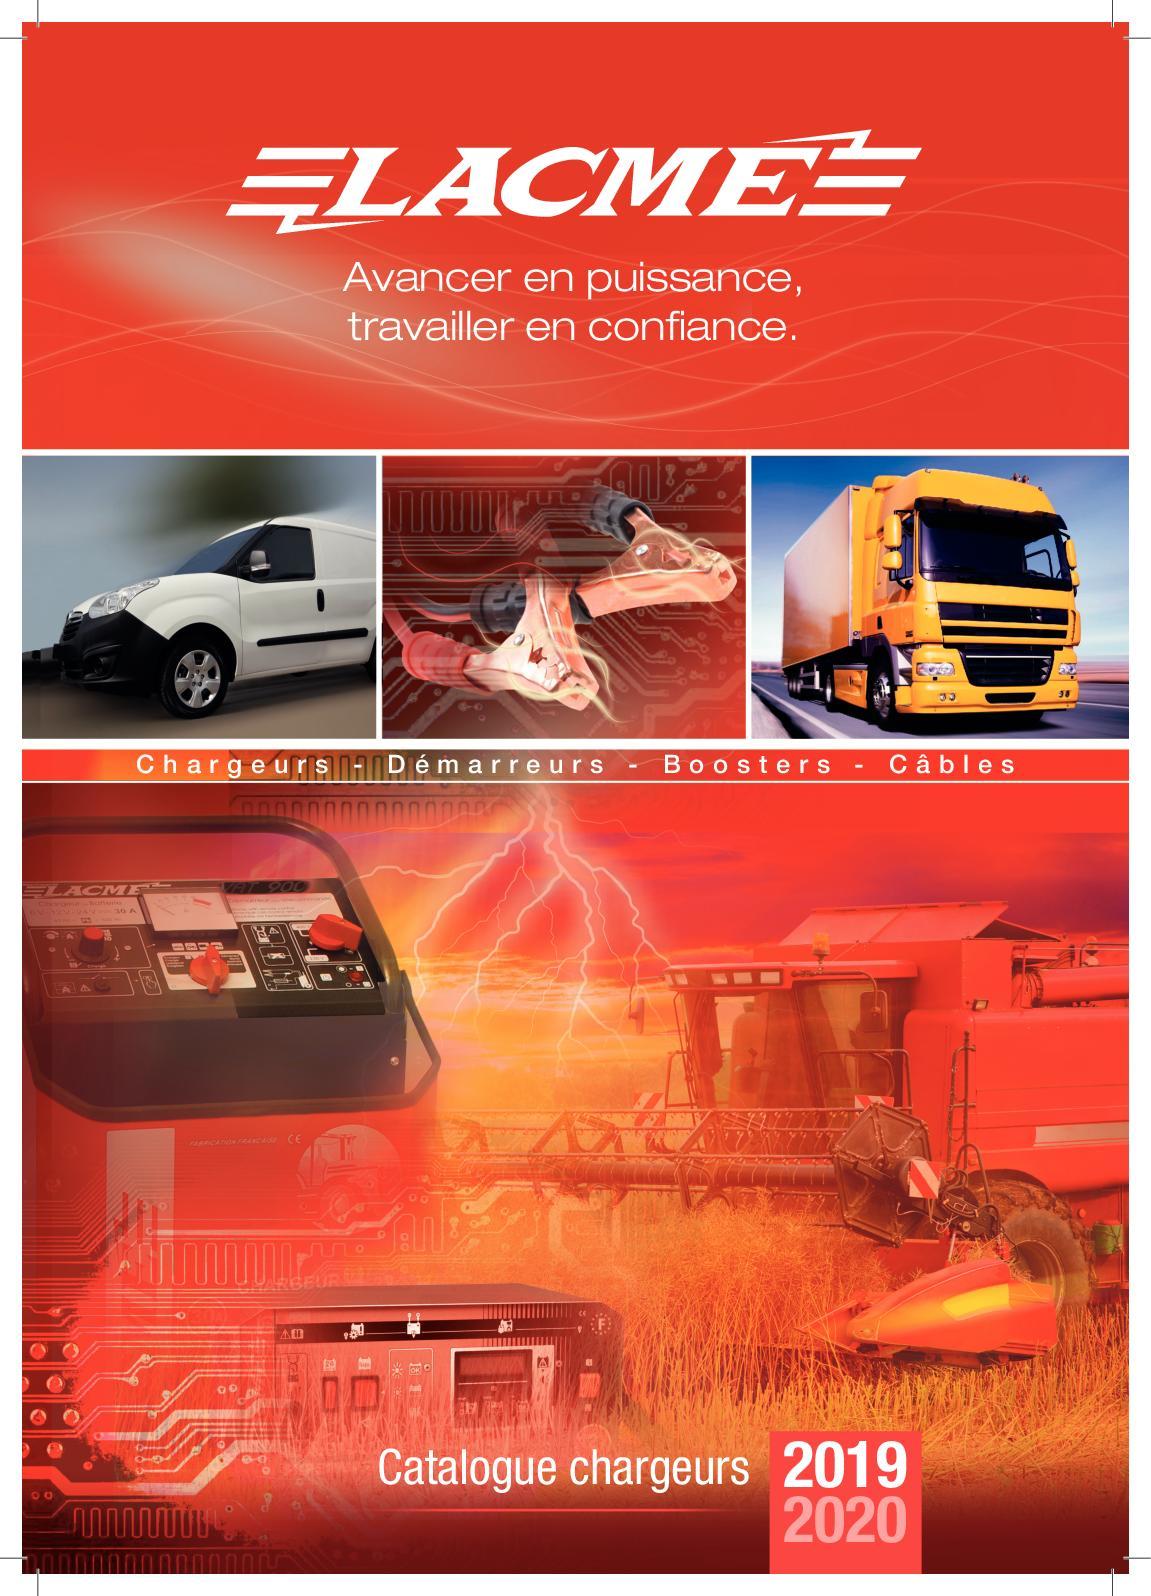 Inex 3m X 1.5m Noir Acoustique Tissu Rouge pour Tablette Arri/ère Coffre Camionnette Rev/êtement